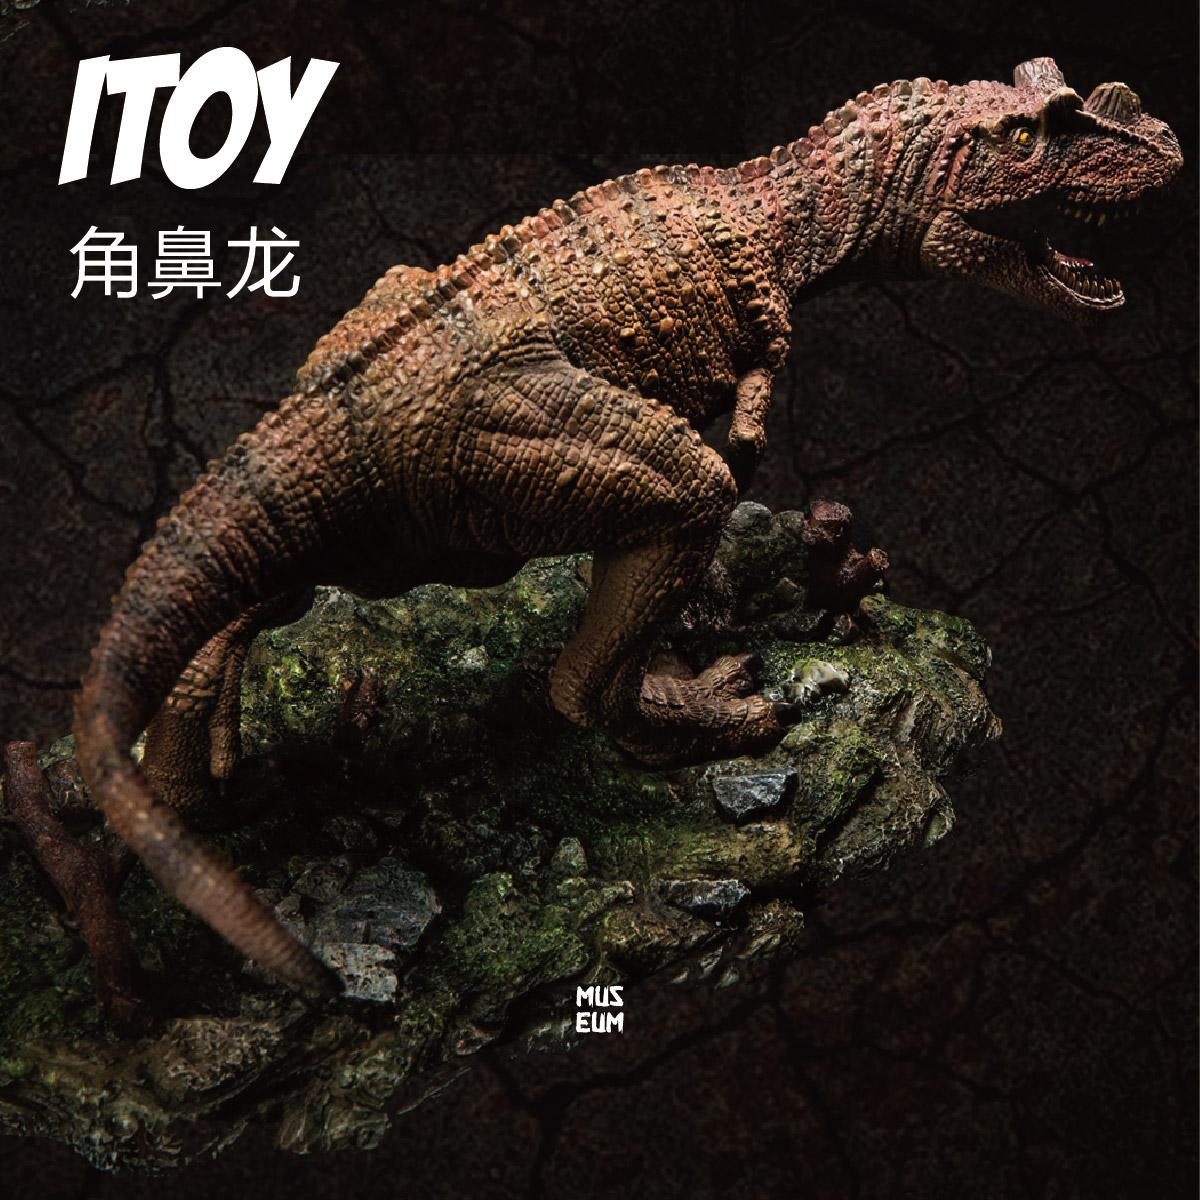 恐龙[正品耳]六耳恐龙v恐龙乐高图片博物馆恐龙进快看视频图片